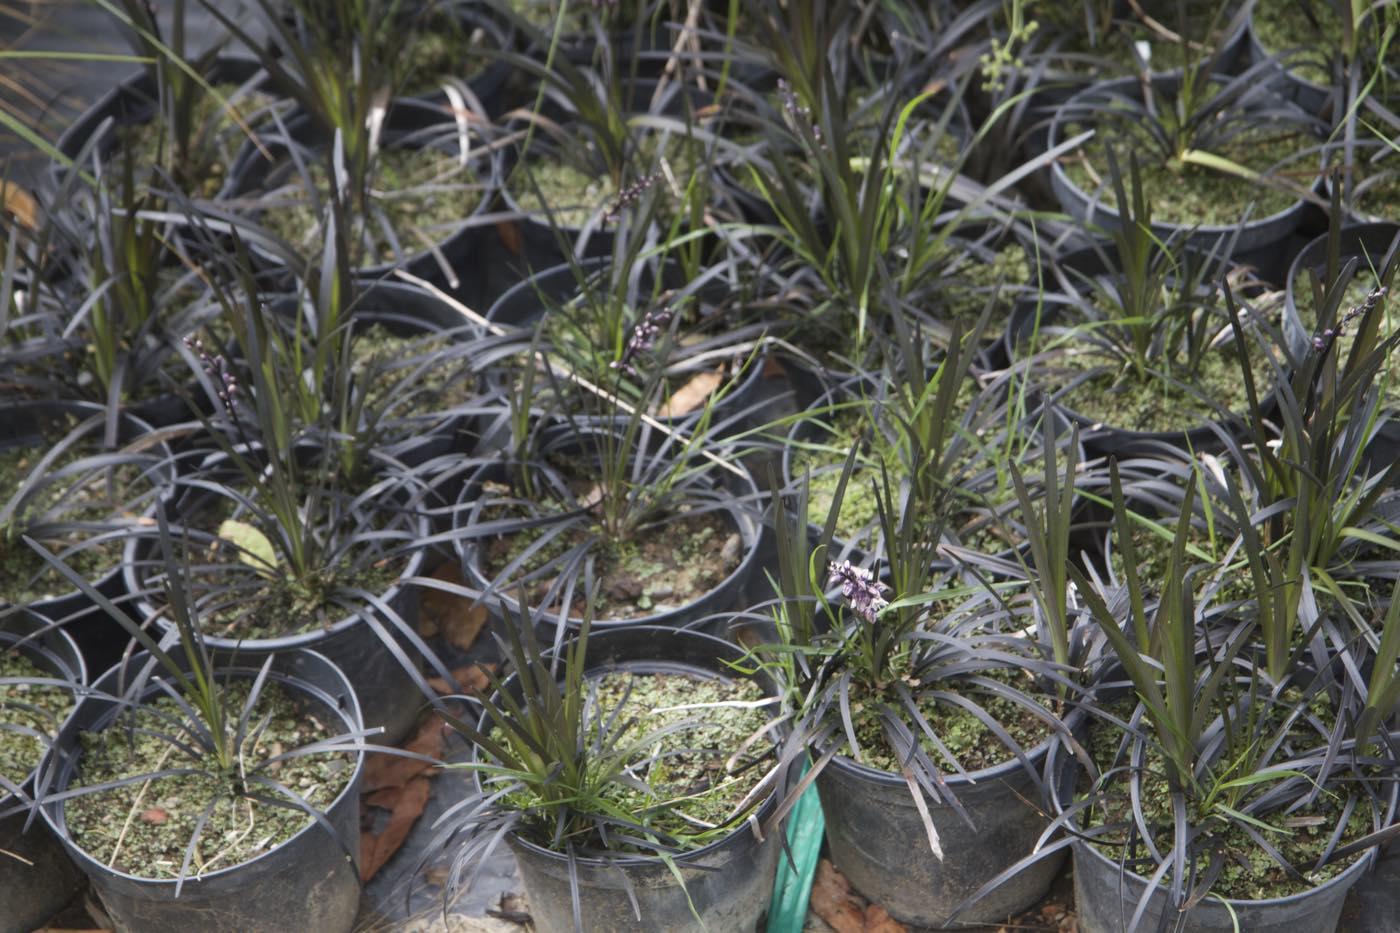 Vente d'ophiopogon pour jardin japonais - Jardinerie Pépinière de l'Aiguillon Toulouse